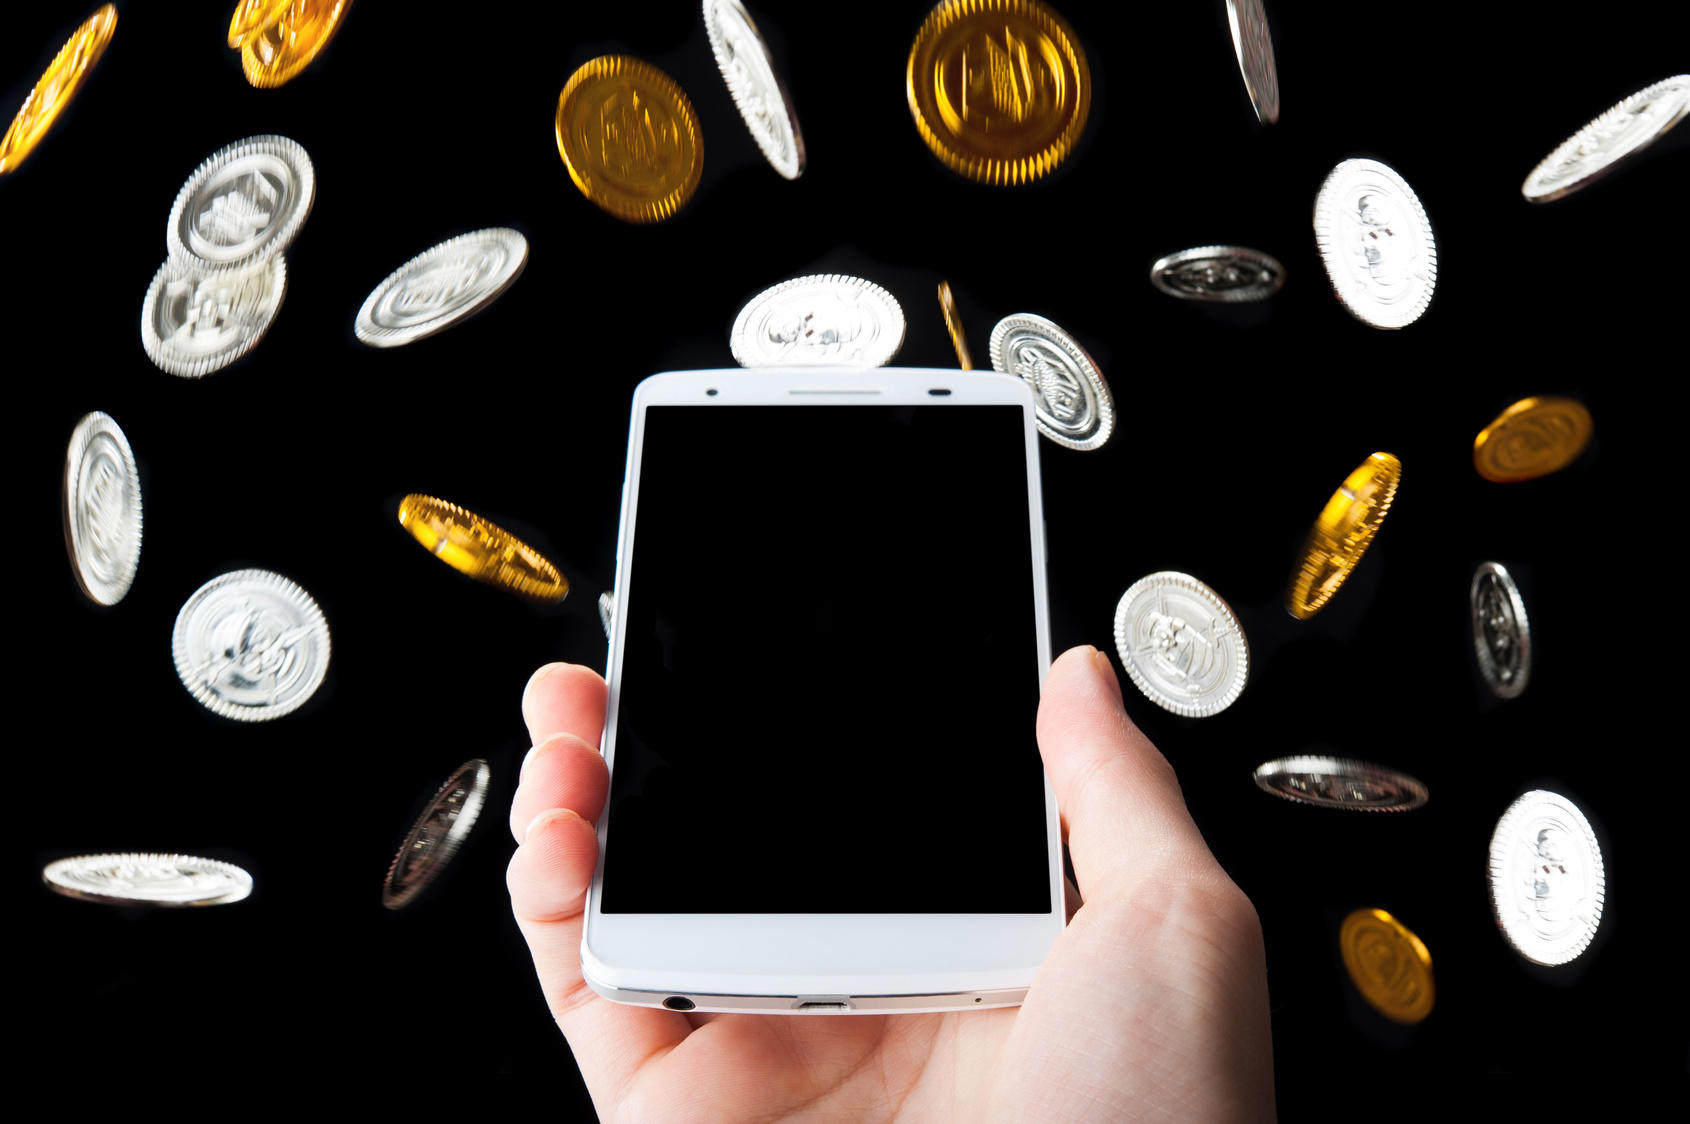 お金を稼ぐスマートフォン,黒枠